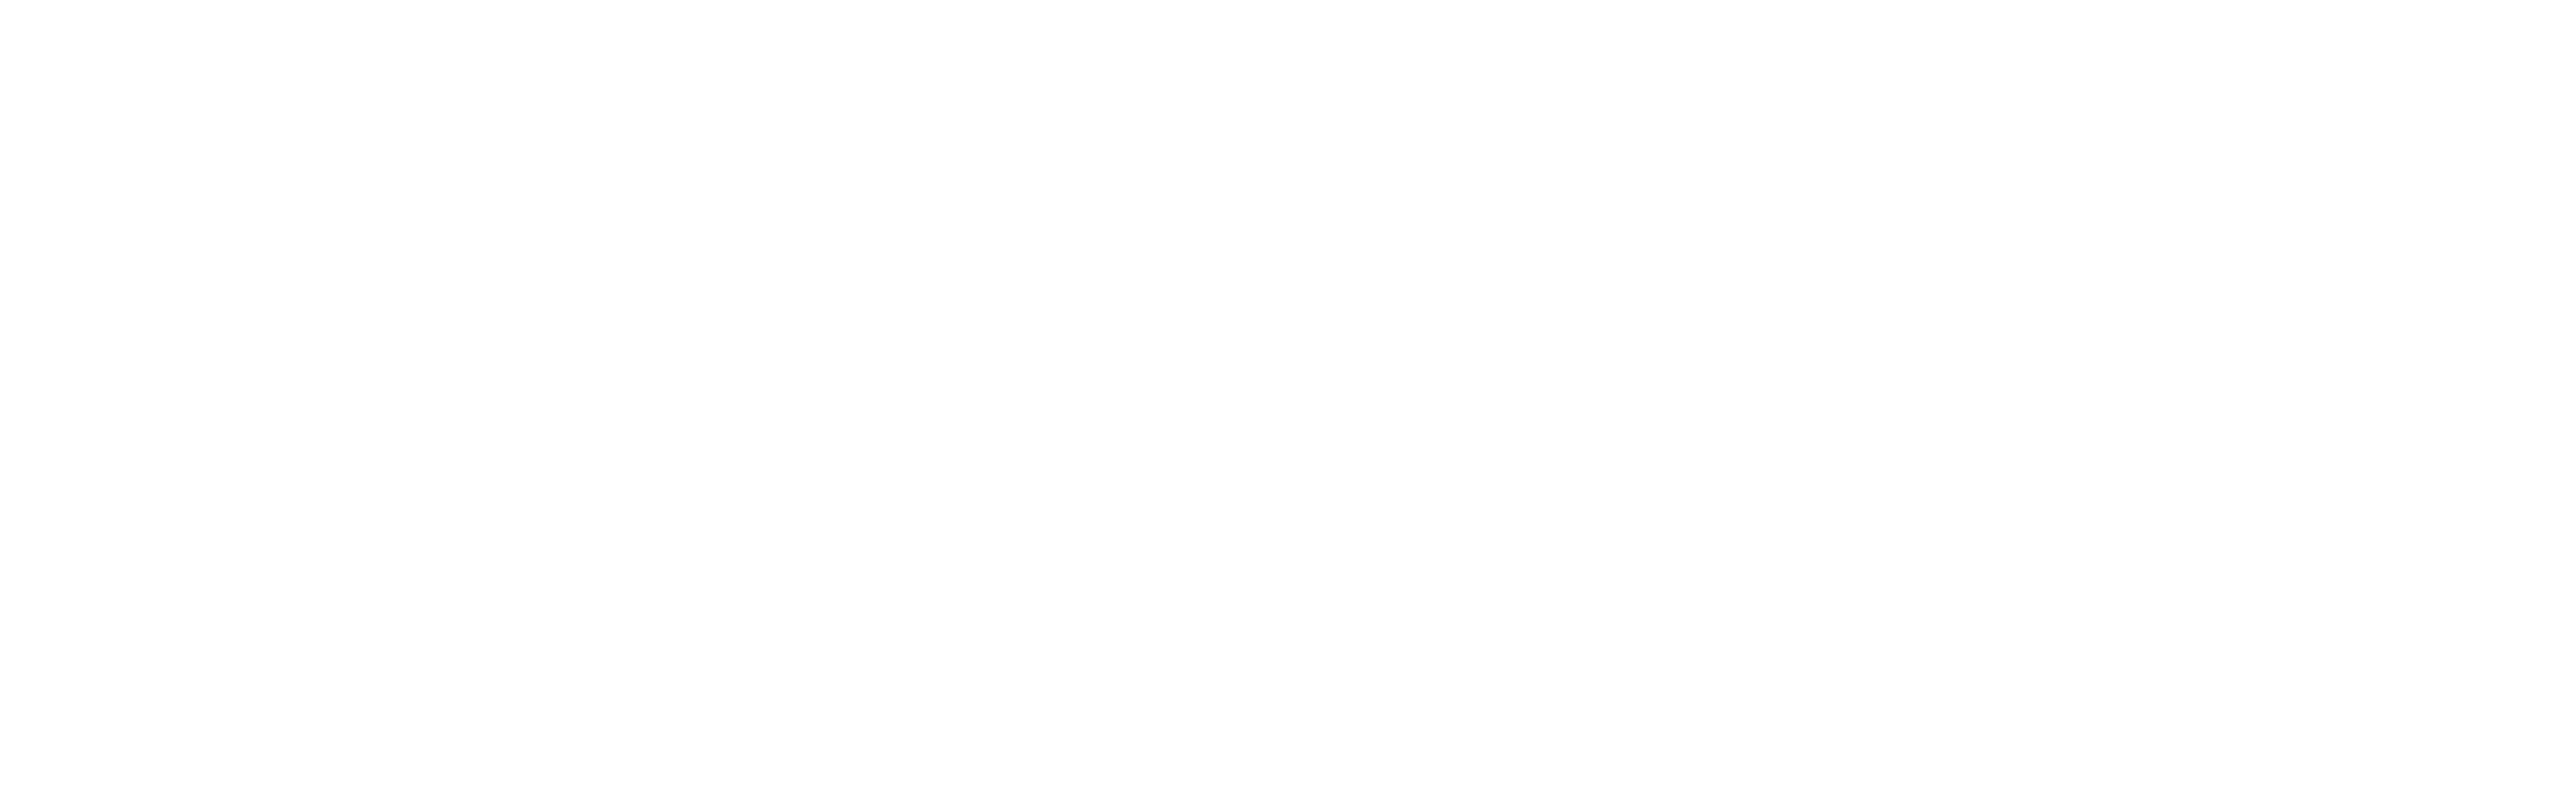 AWAXMAN-white-02